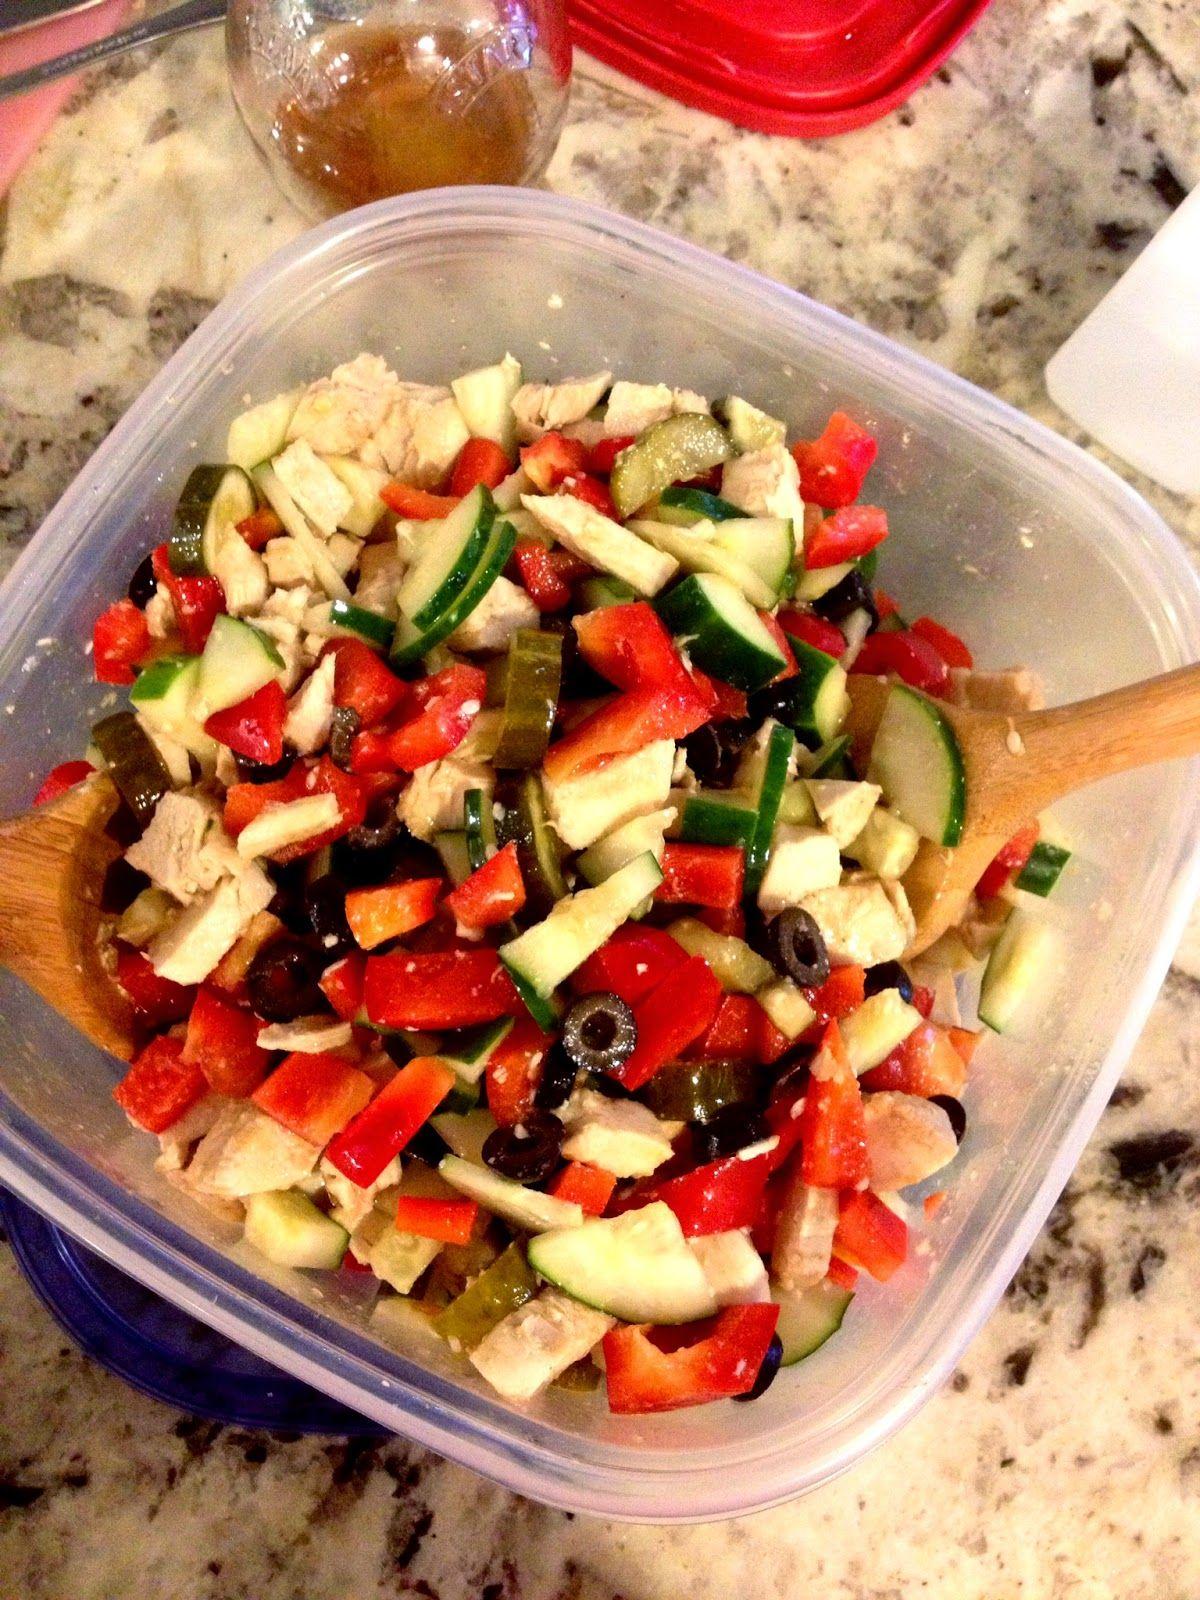 Greek Chicken Salad Current Favorite Recipe Greek Chicken Salad Advocare Recipes Favorite Recipes